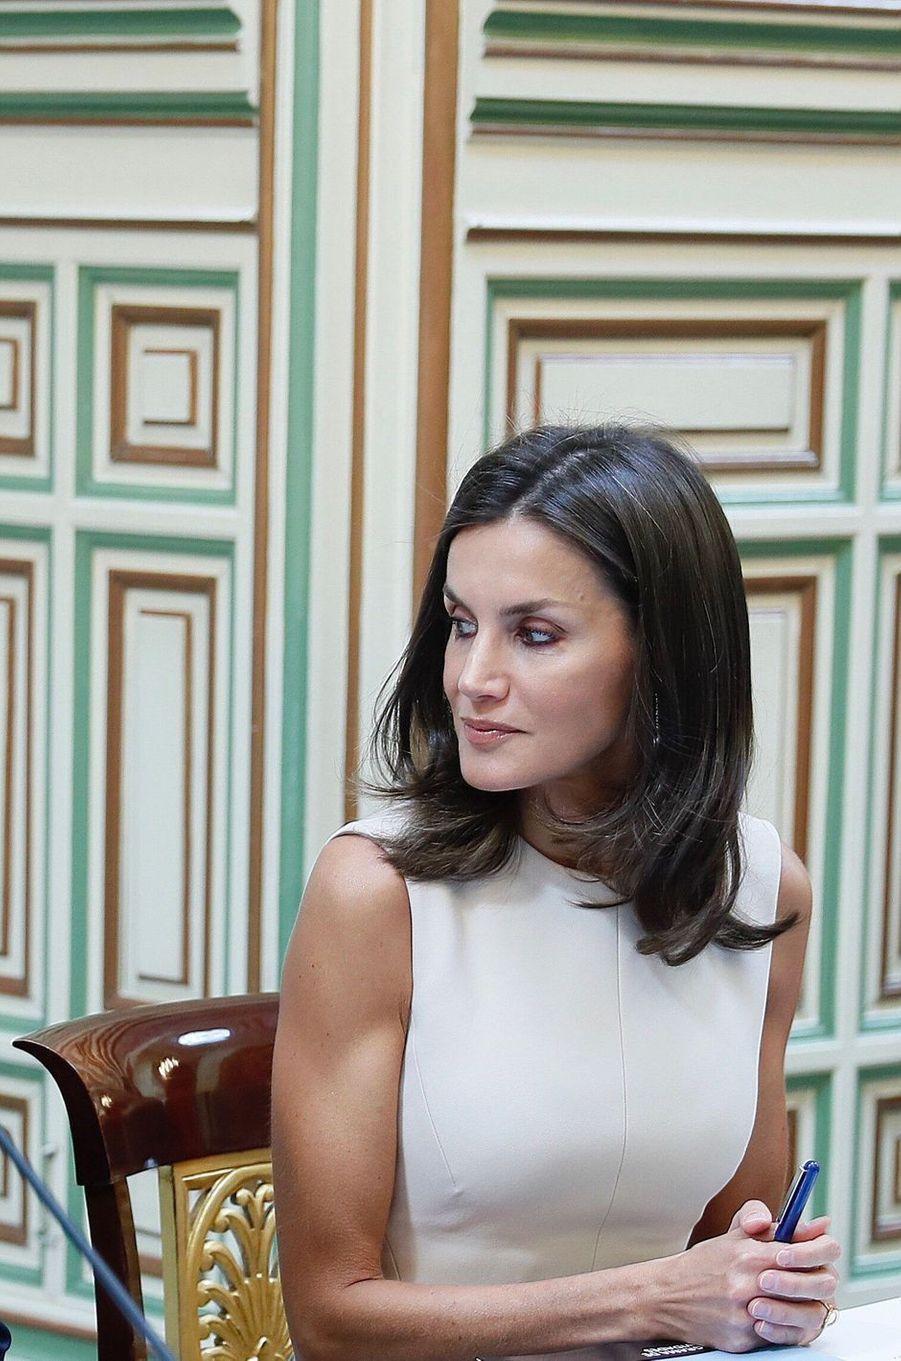 La reine Letizia d'Espagne en réunion à Séville, le 12 septembre 2019